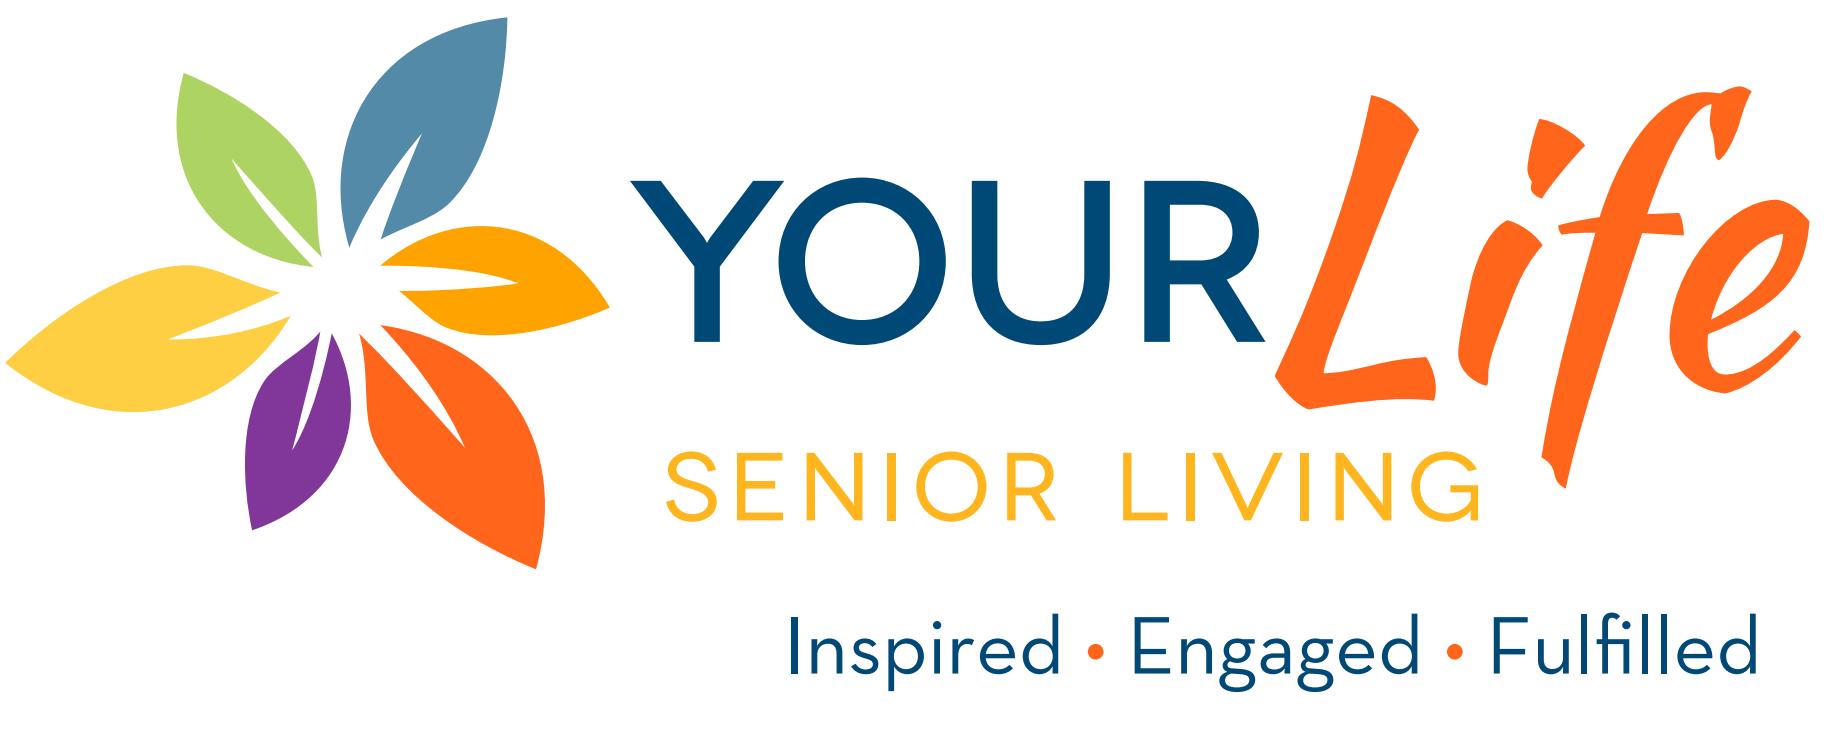 YourLife Senior Living logo